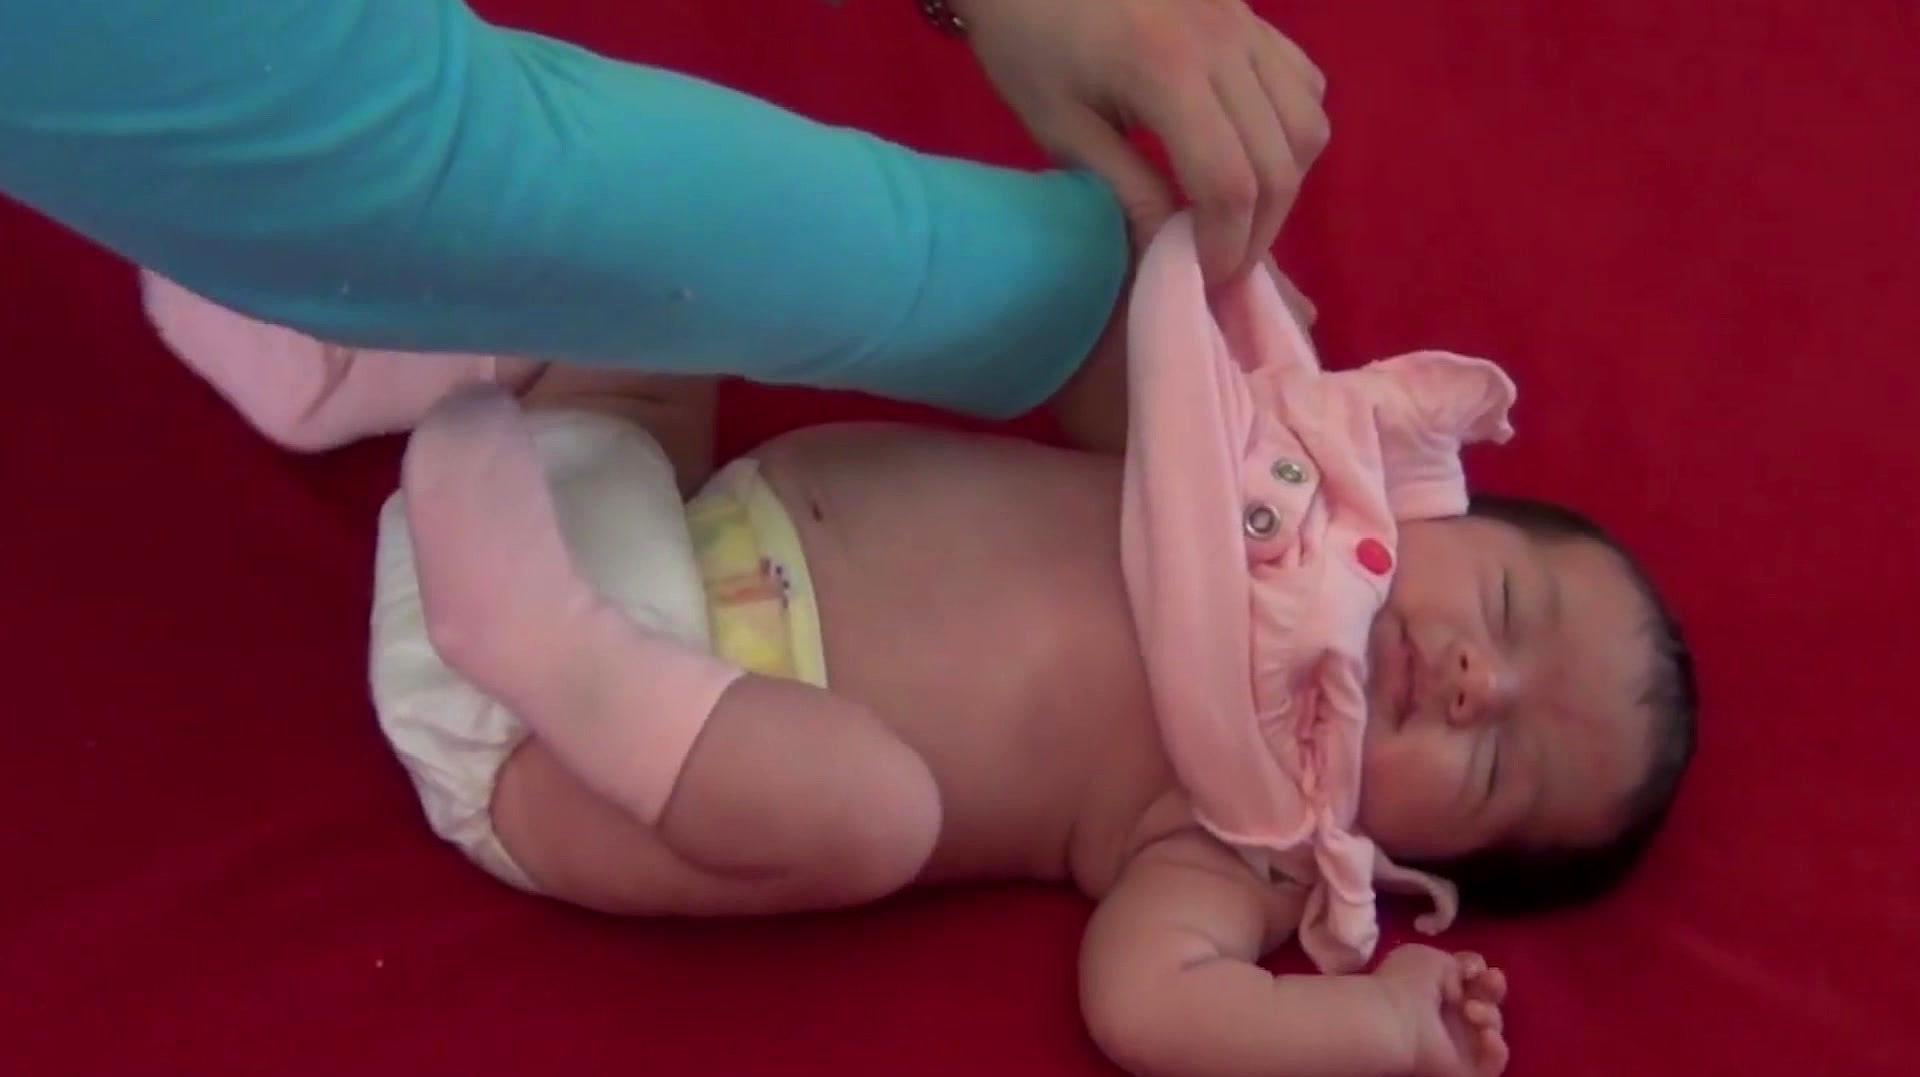 妈妈给睡熟中的宝宝换衣服,接下来宝宝的动作,太萌太可爱了